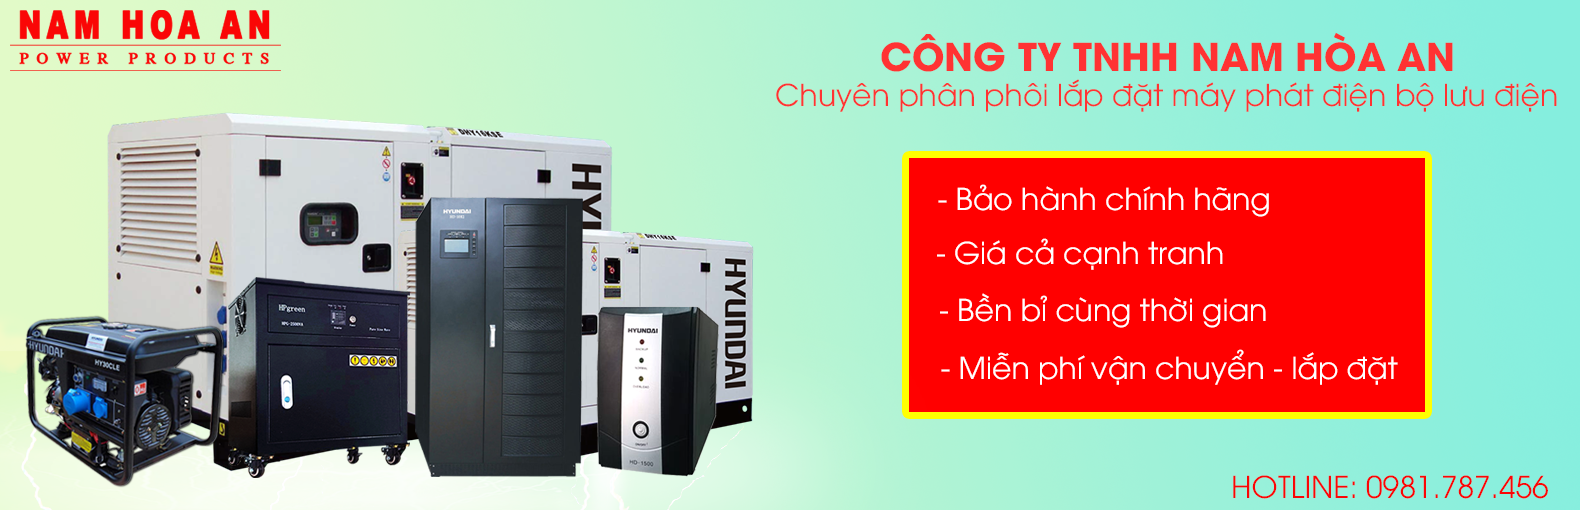 Máy phát điện bộ lưu điện Hyundai Nam Hòa An